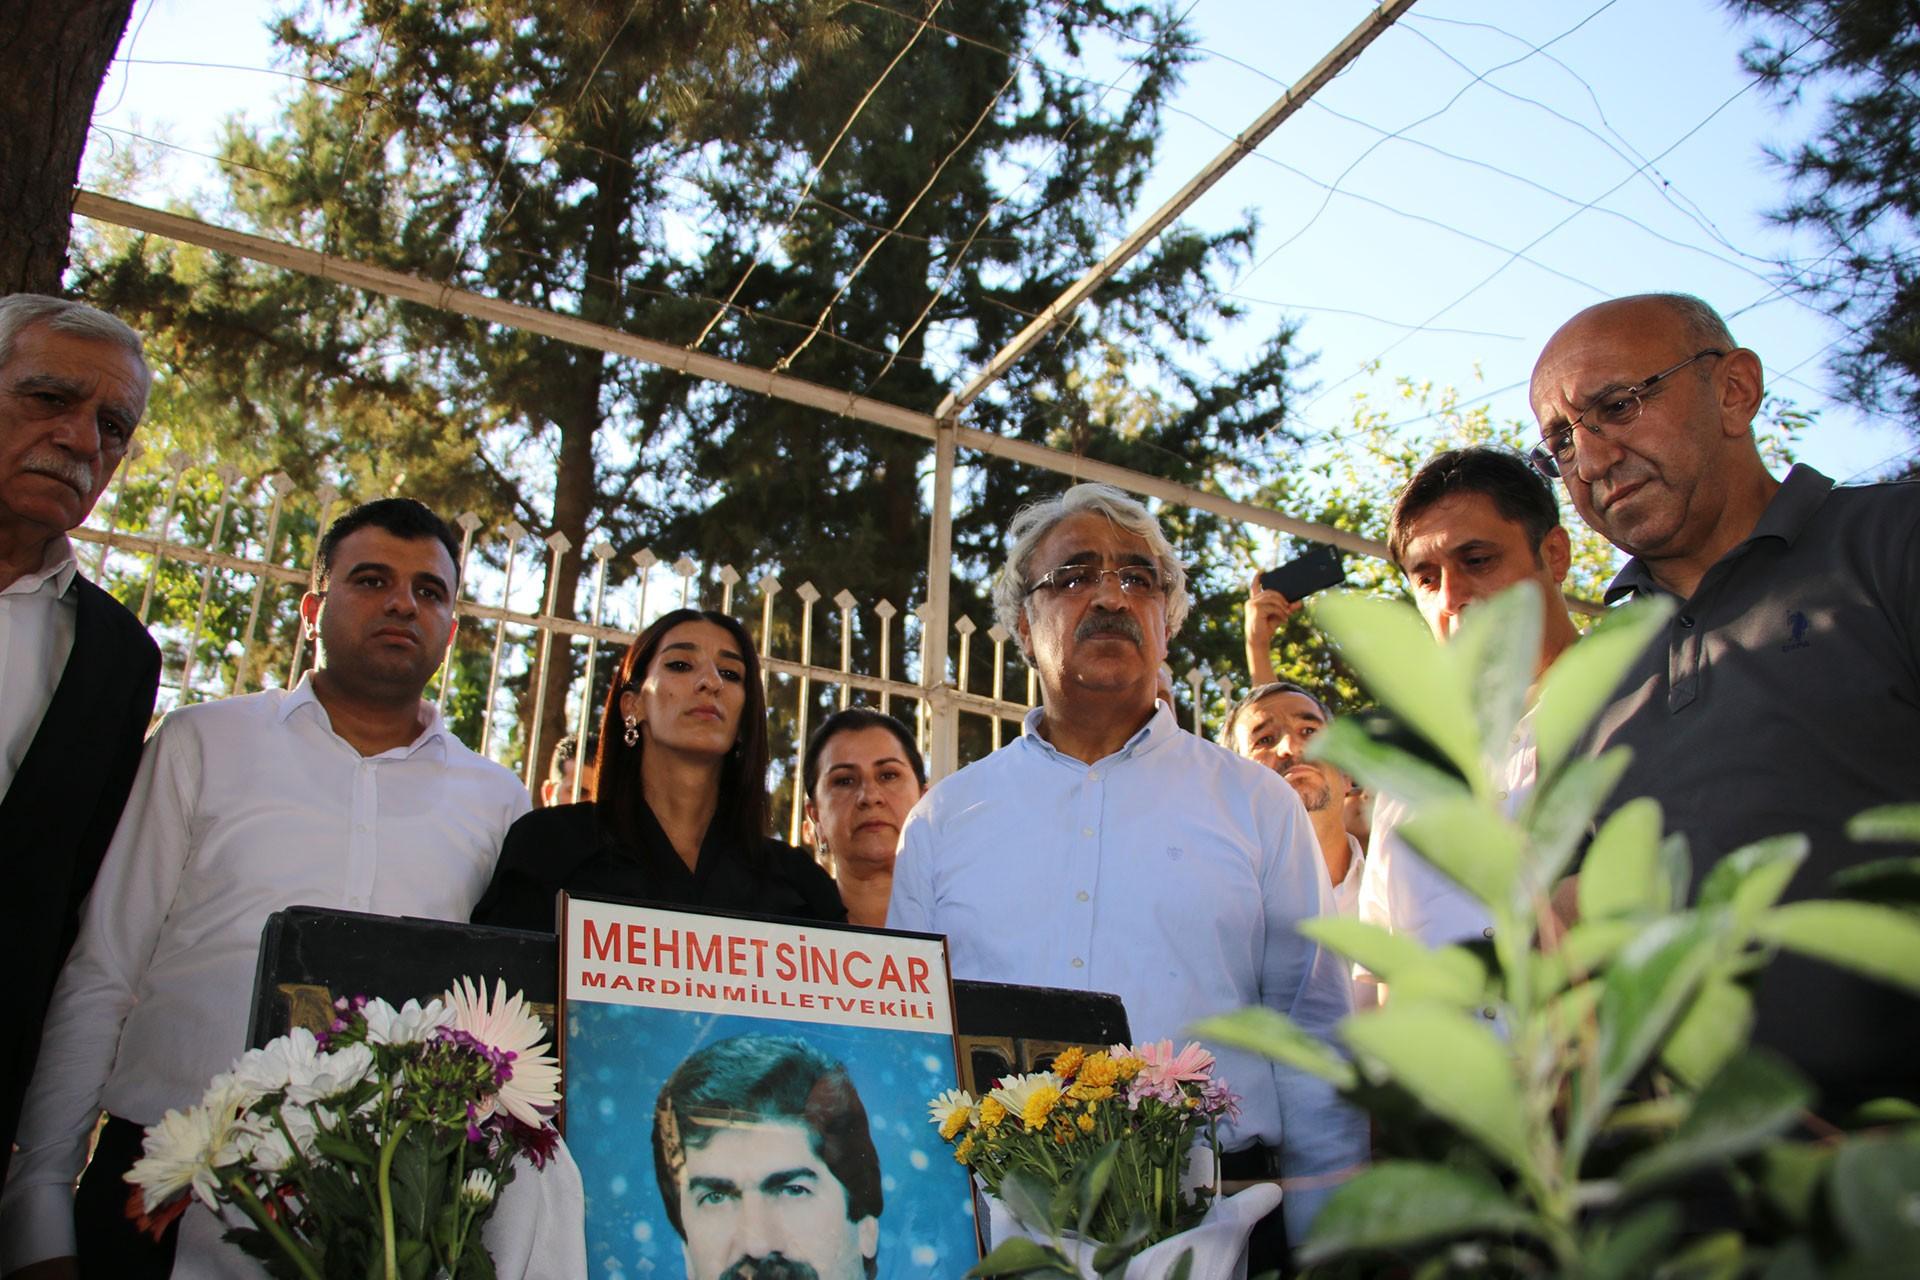 1993 yılında öldürülen DEP Milletvekili Mehmet Sincar'ın davası ertelendi